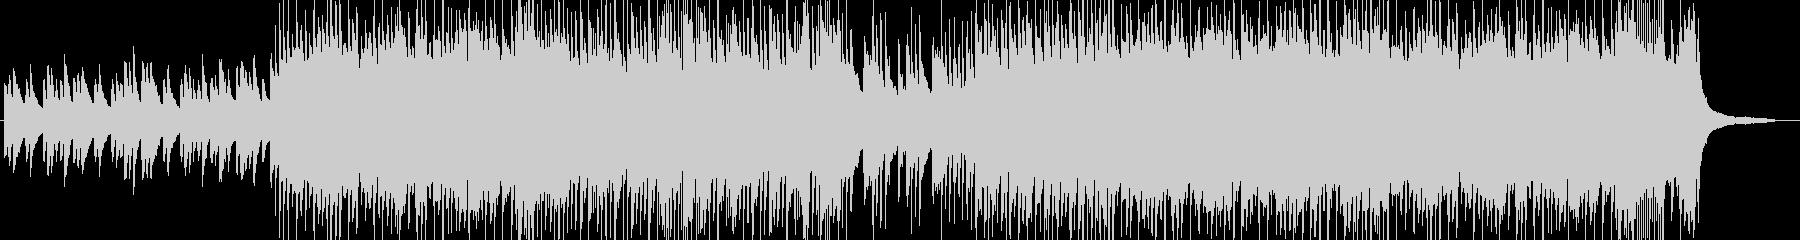 子供が戯れるイメージの和曲の未再生の波形